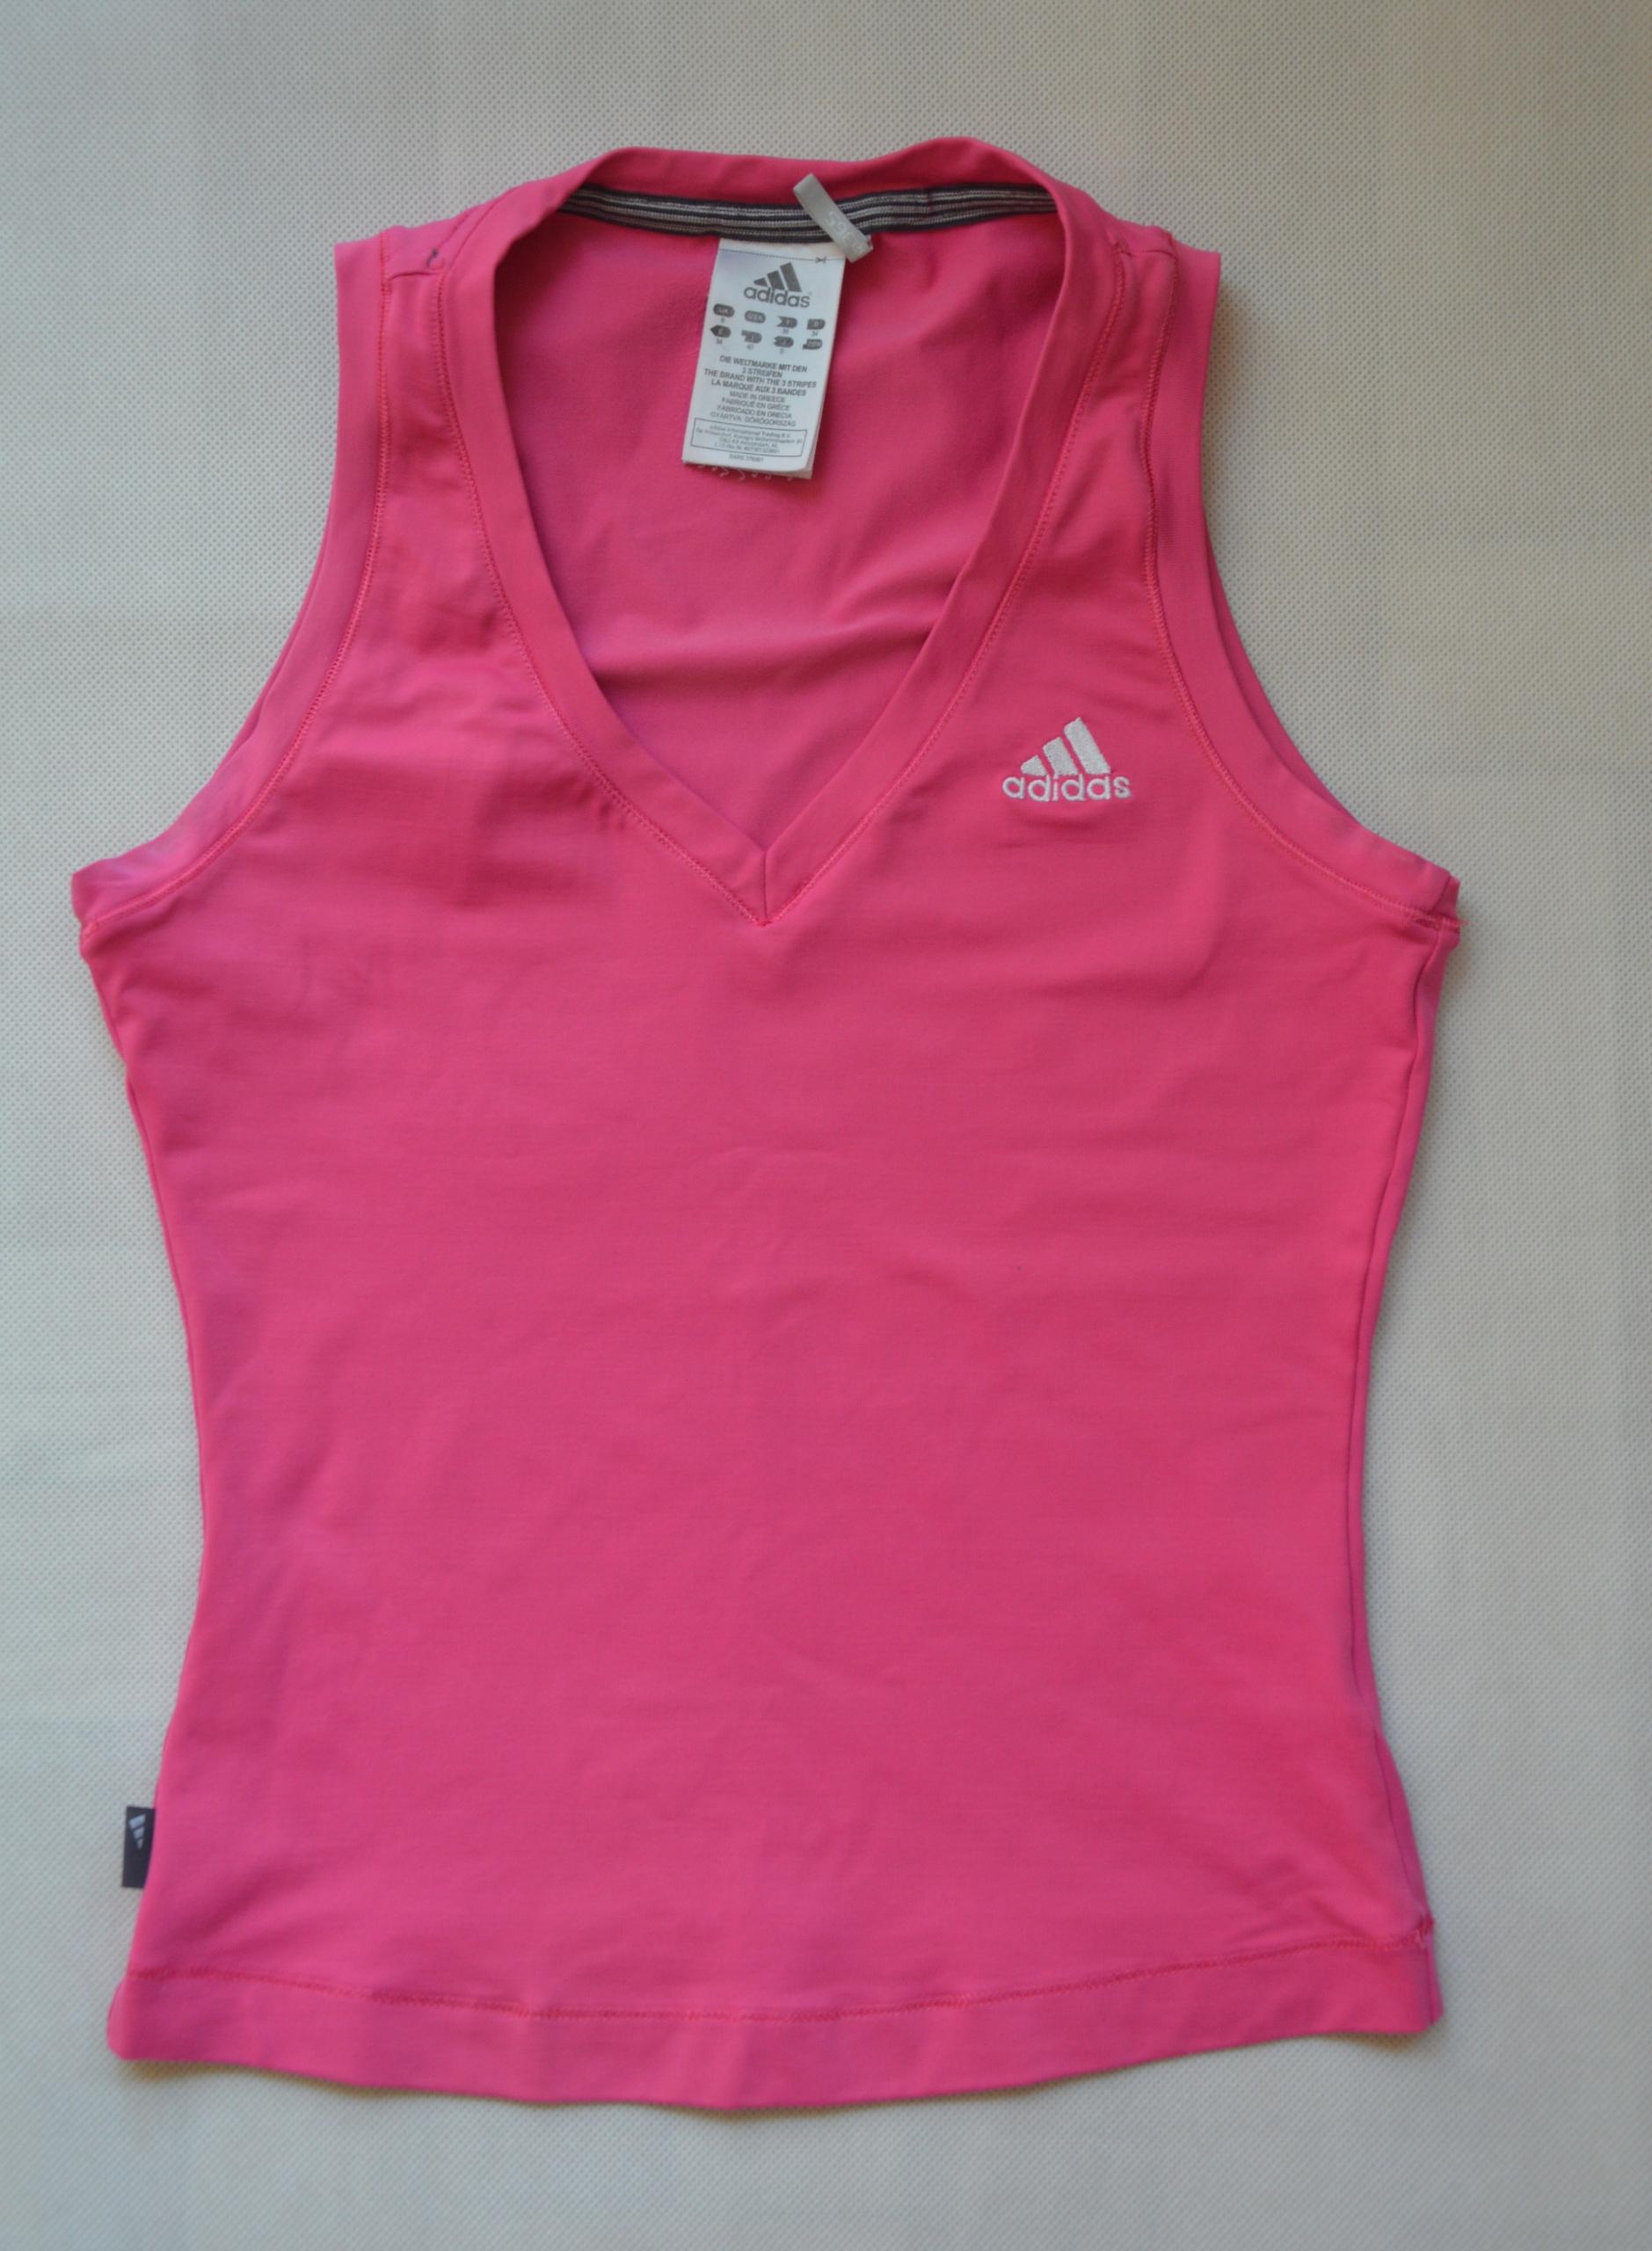 Koszulka sportowa Adidas t-shirt siłownia 34 XS